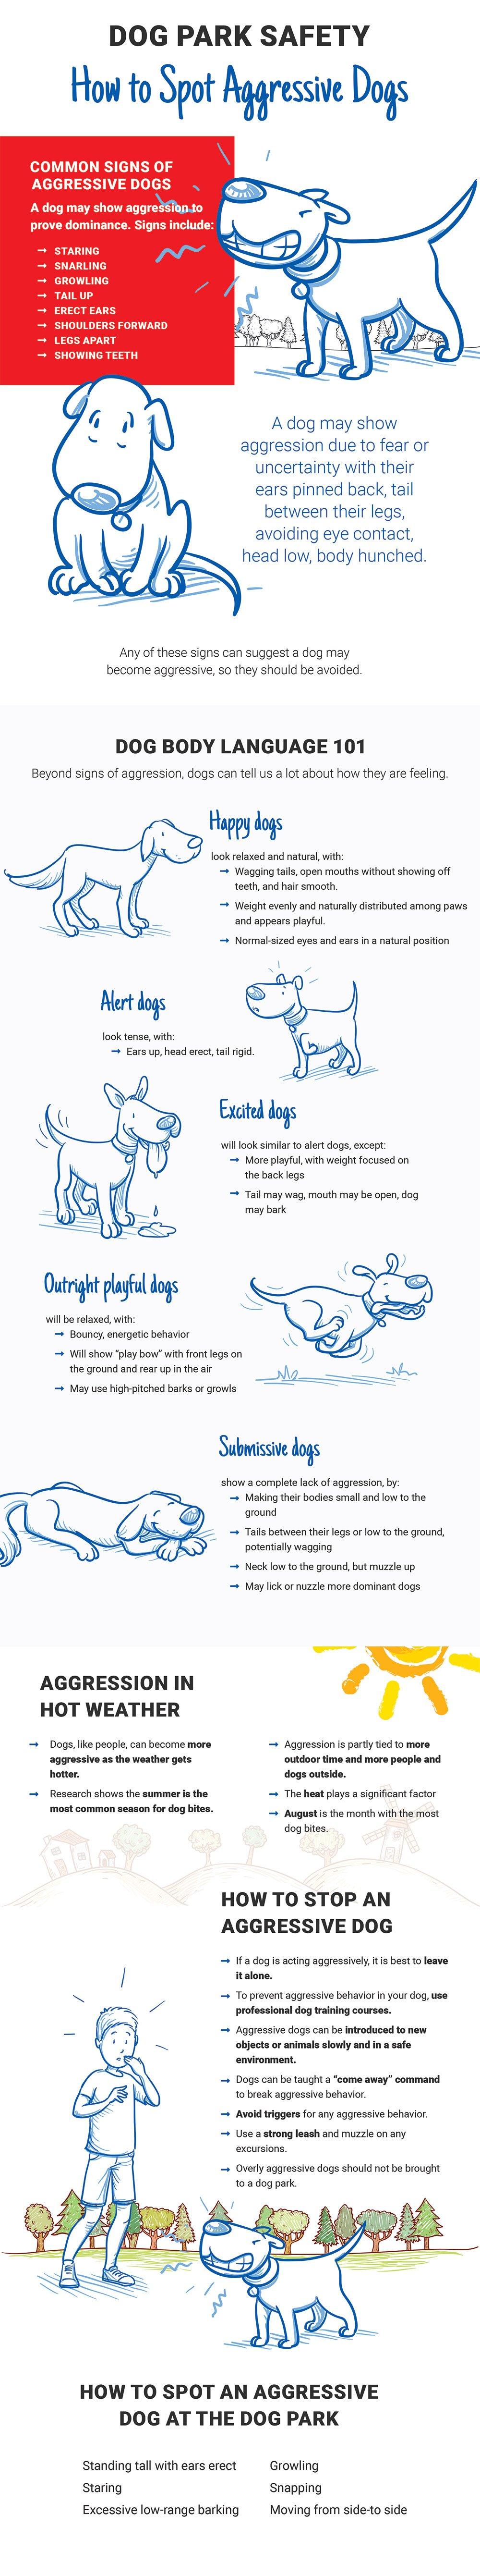 dog-park-safety